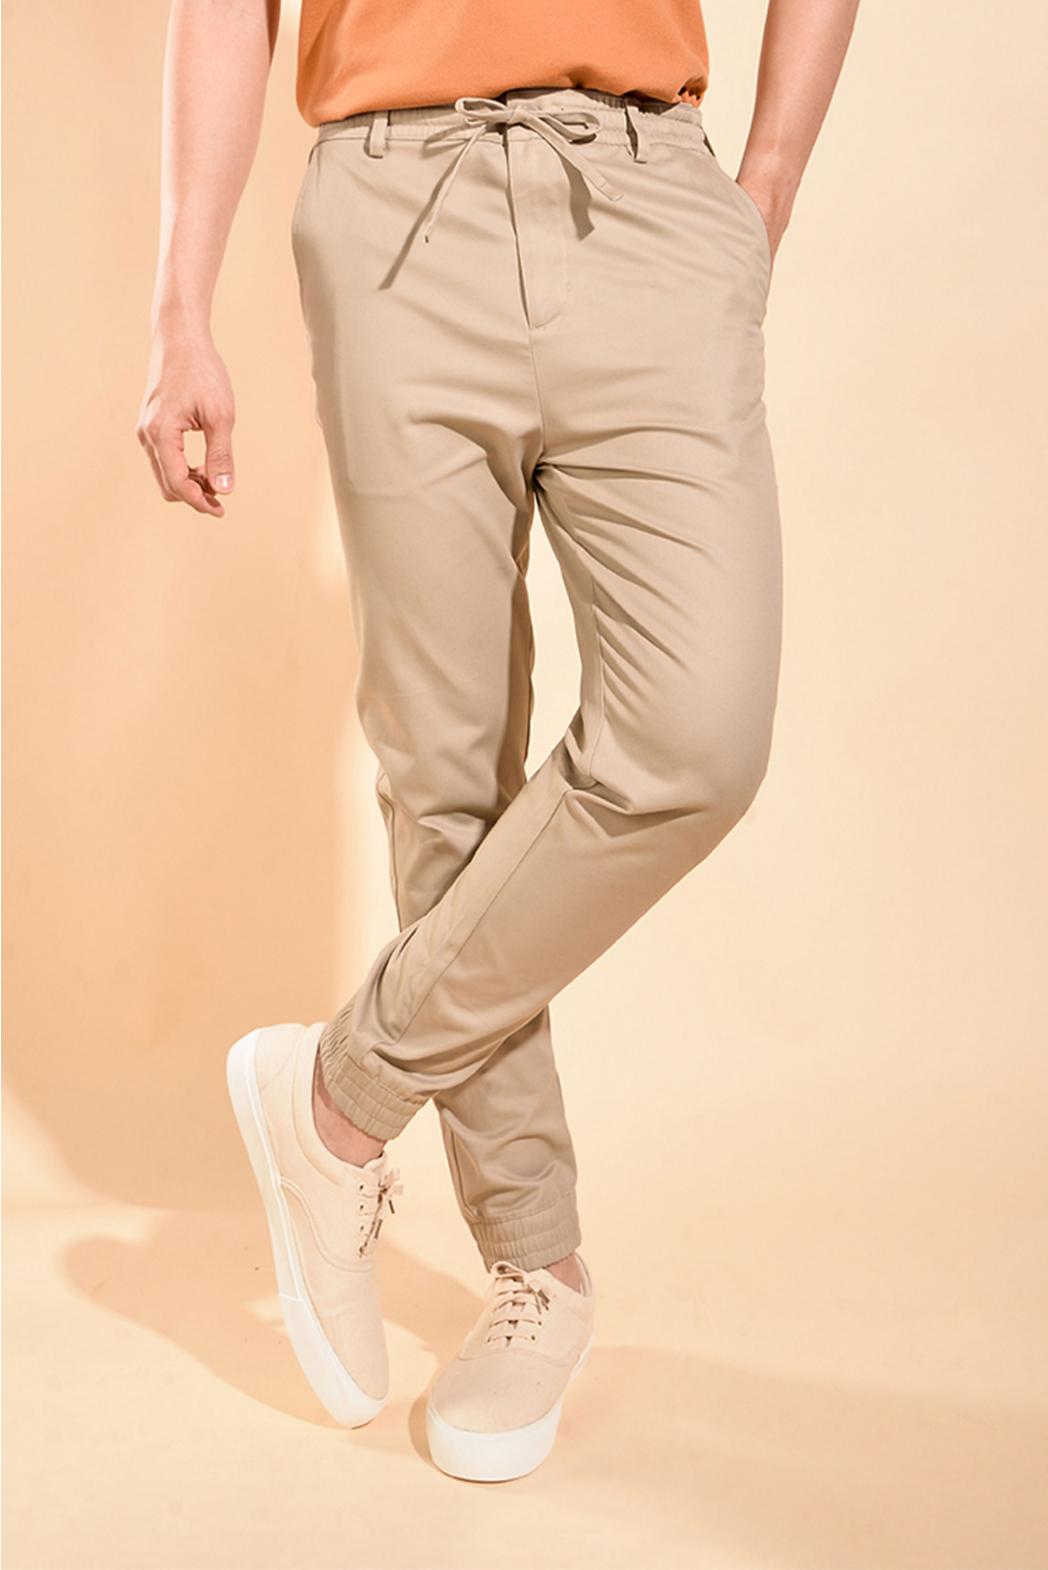 Quần Jogger Khaki. Cotton. Regular form PK08-F19 - 10F19PJO008